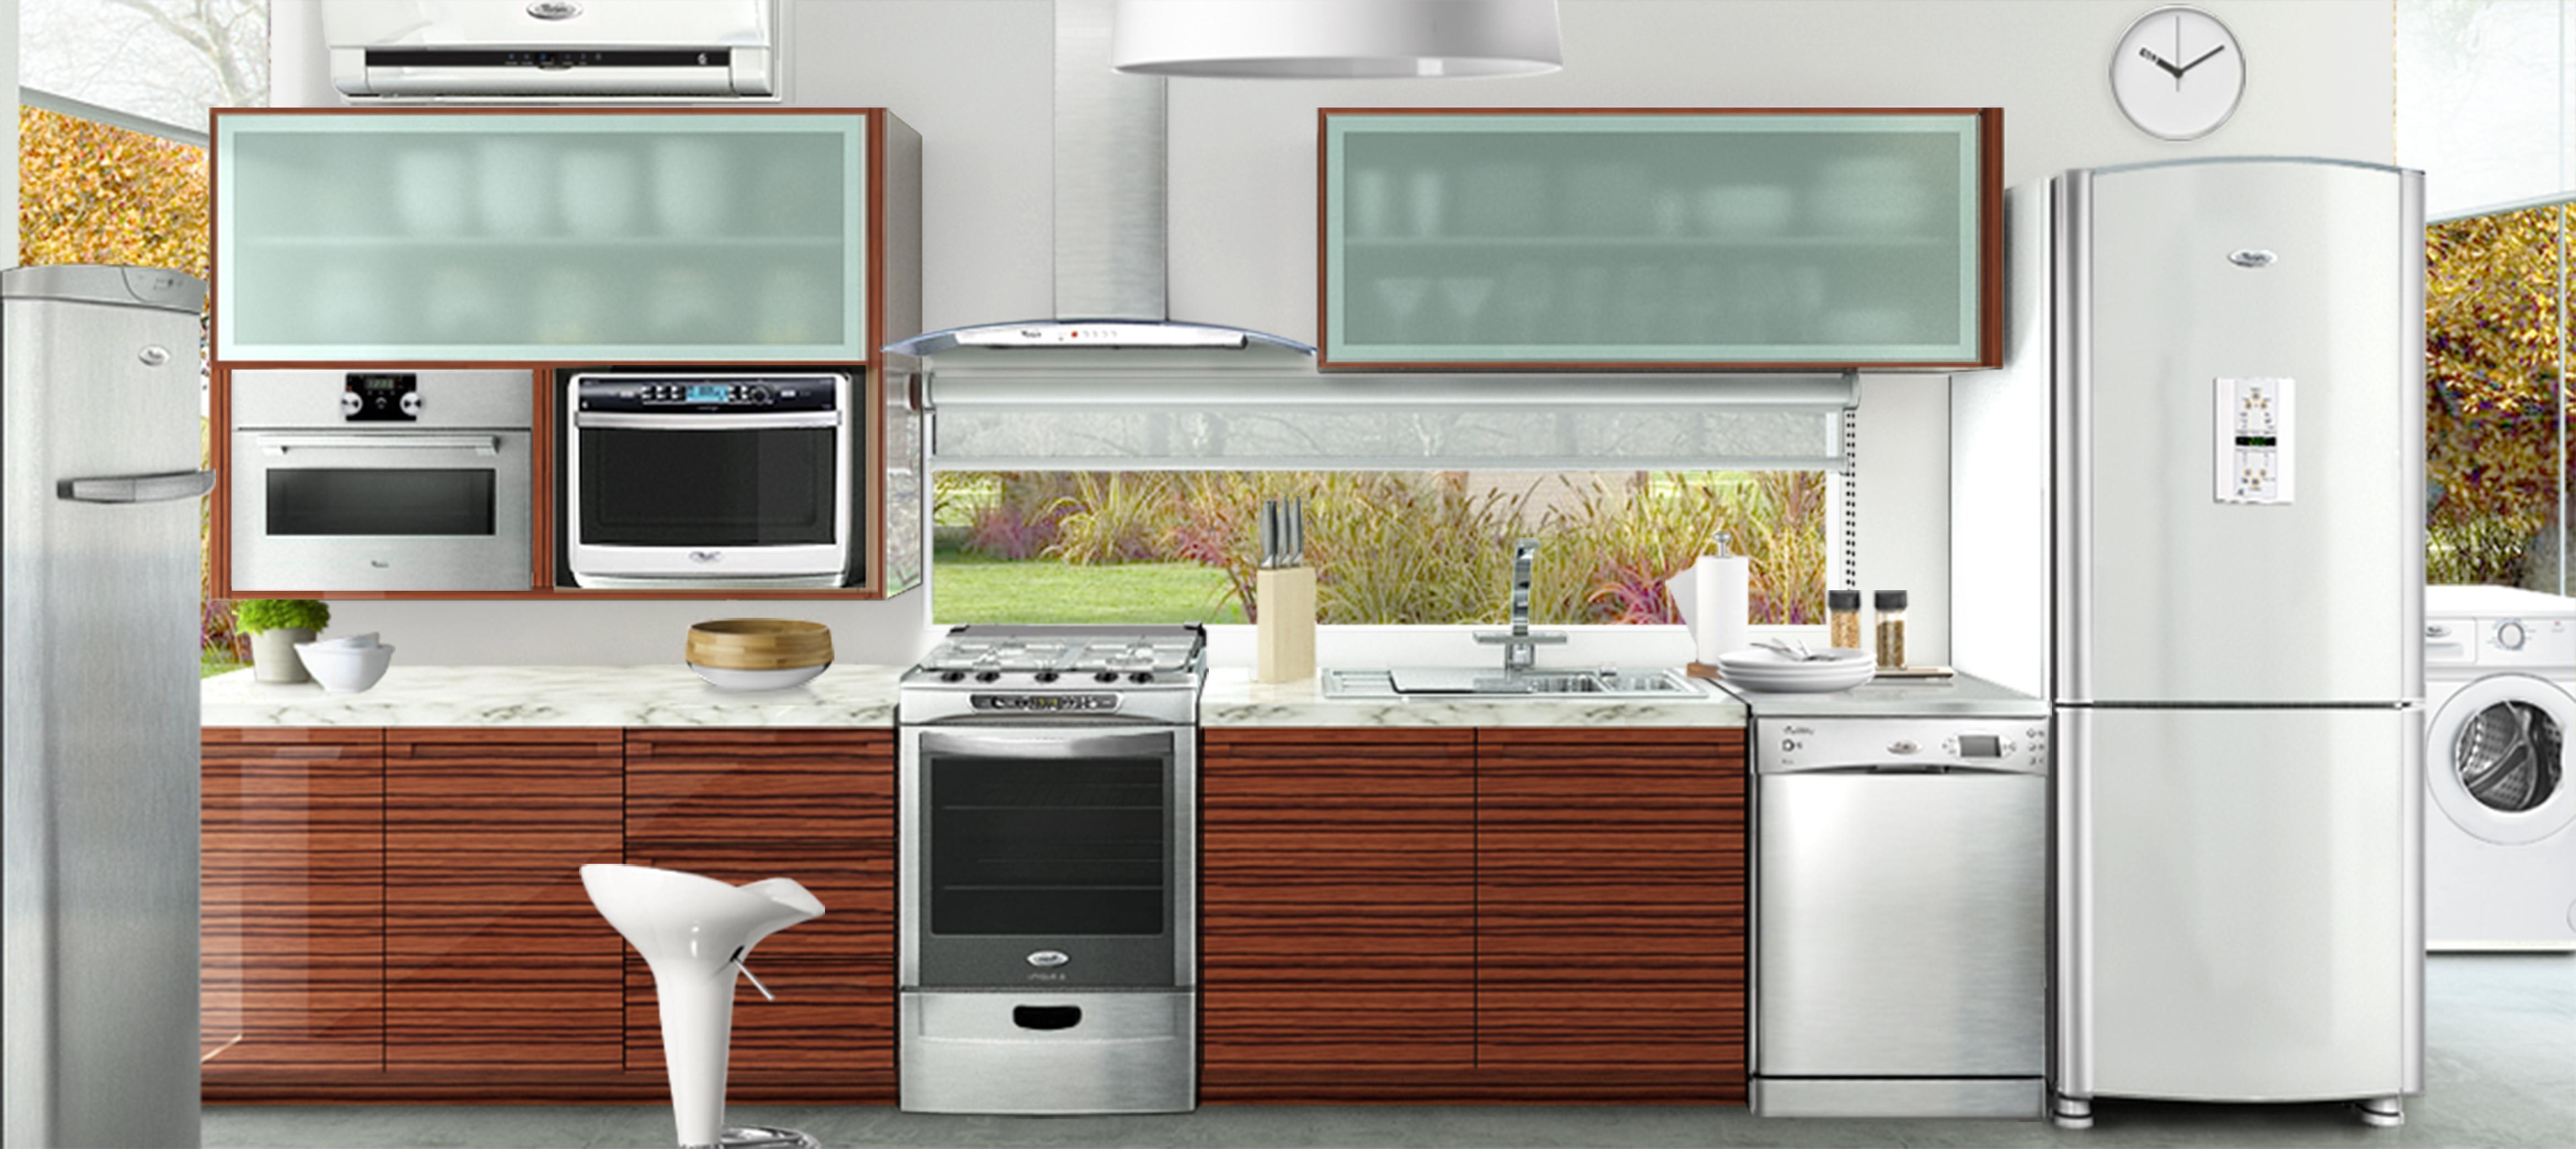 Reparaci n instalaci n y venta de electrodom sticos en cyl for Cocinas completas con electrodomesticos